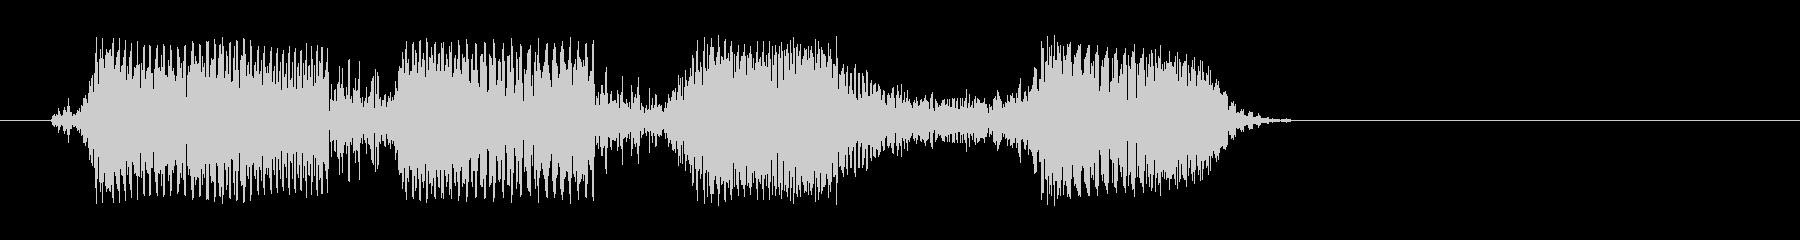 チリリョッ(短めのアクション機械音)の未再生の波形